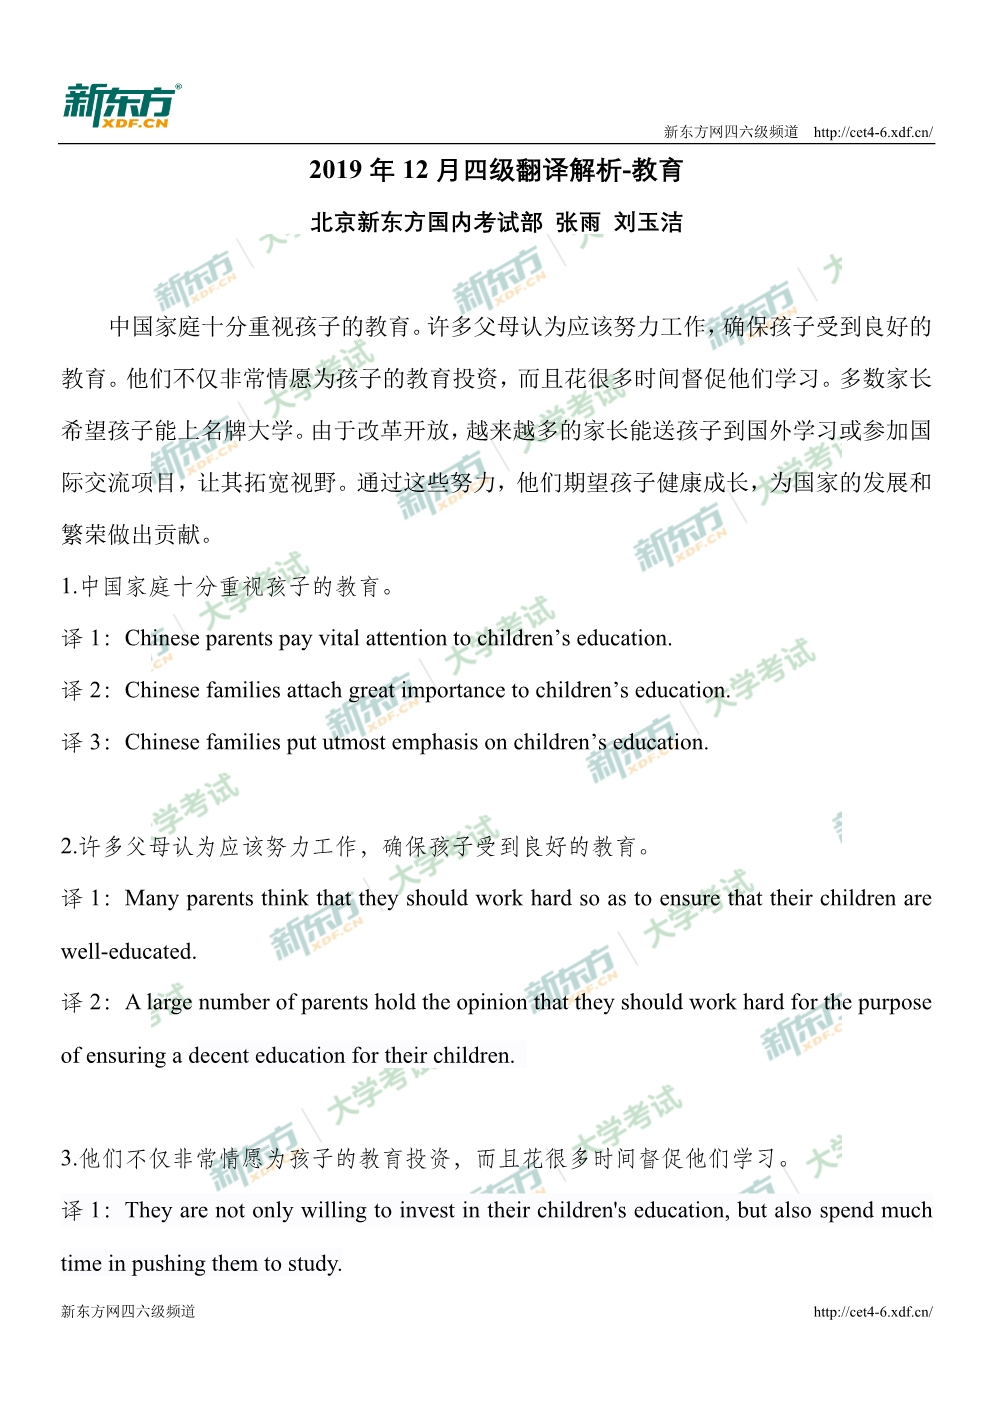 2019年12月英语四级翻译试卷解析:教育(北京新东方)